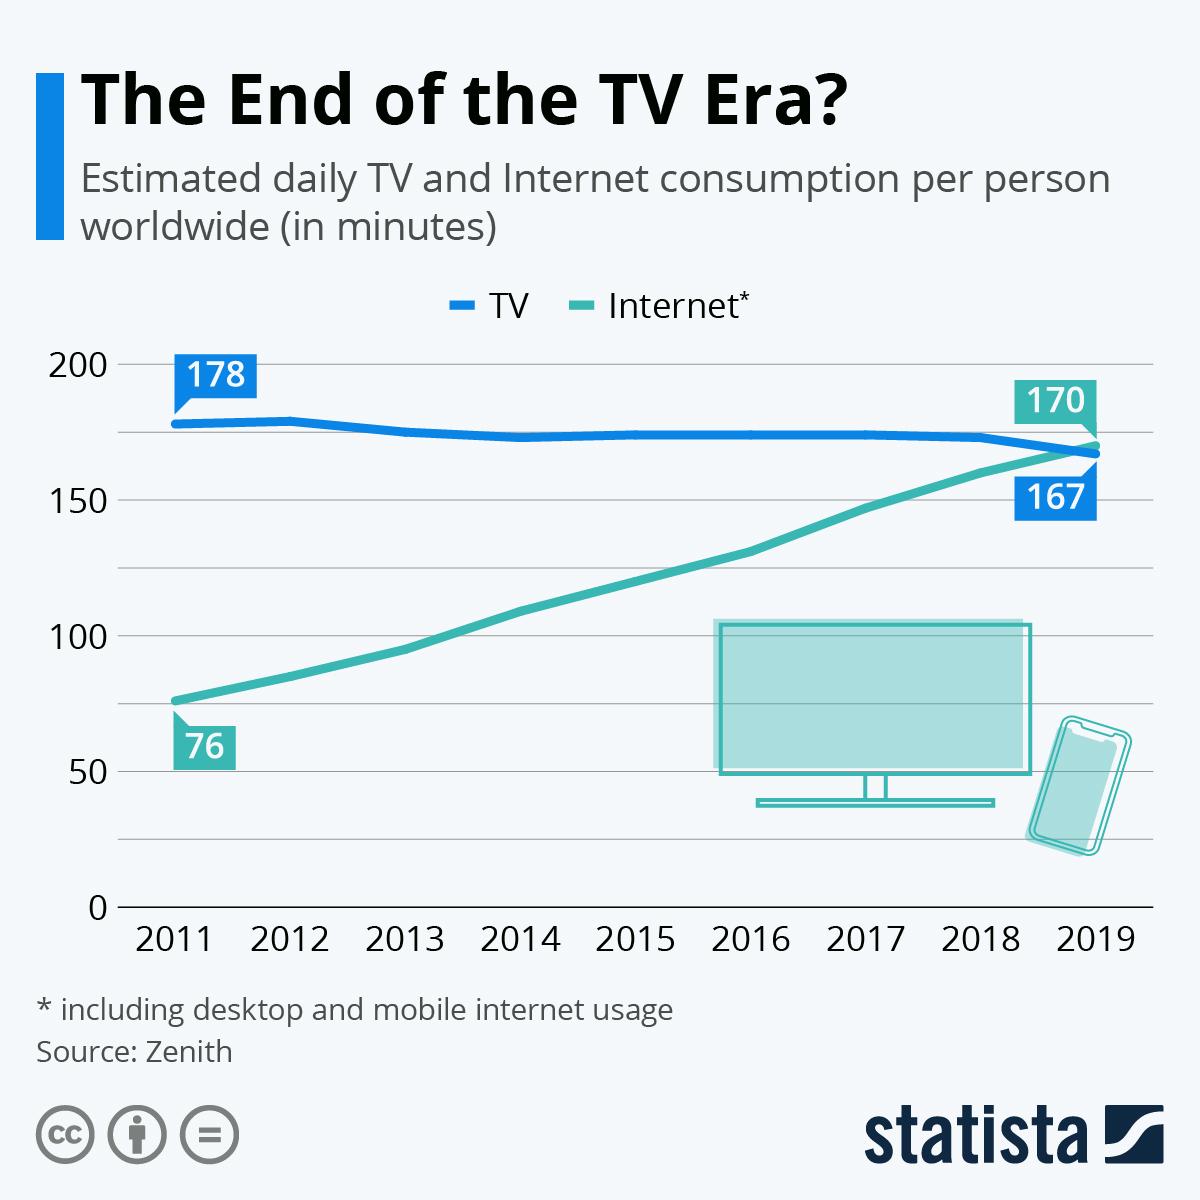 Интернет обогнал телевидение по популярности